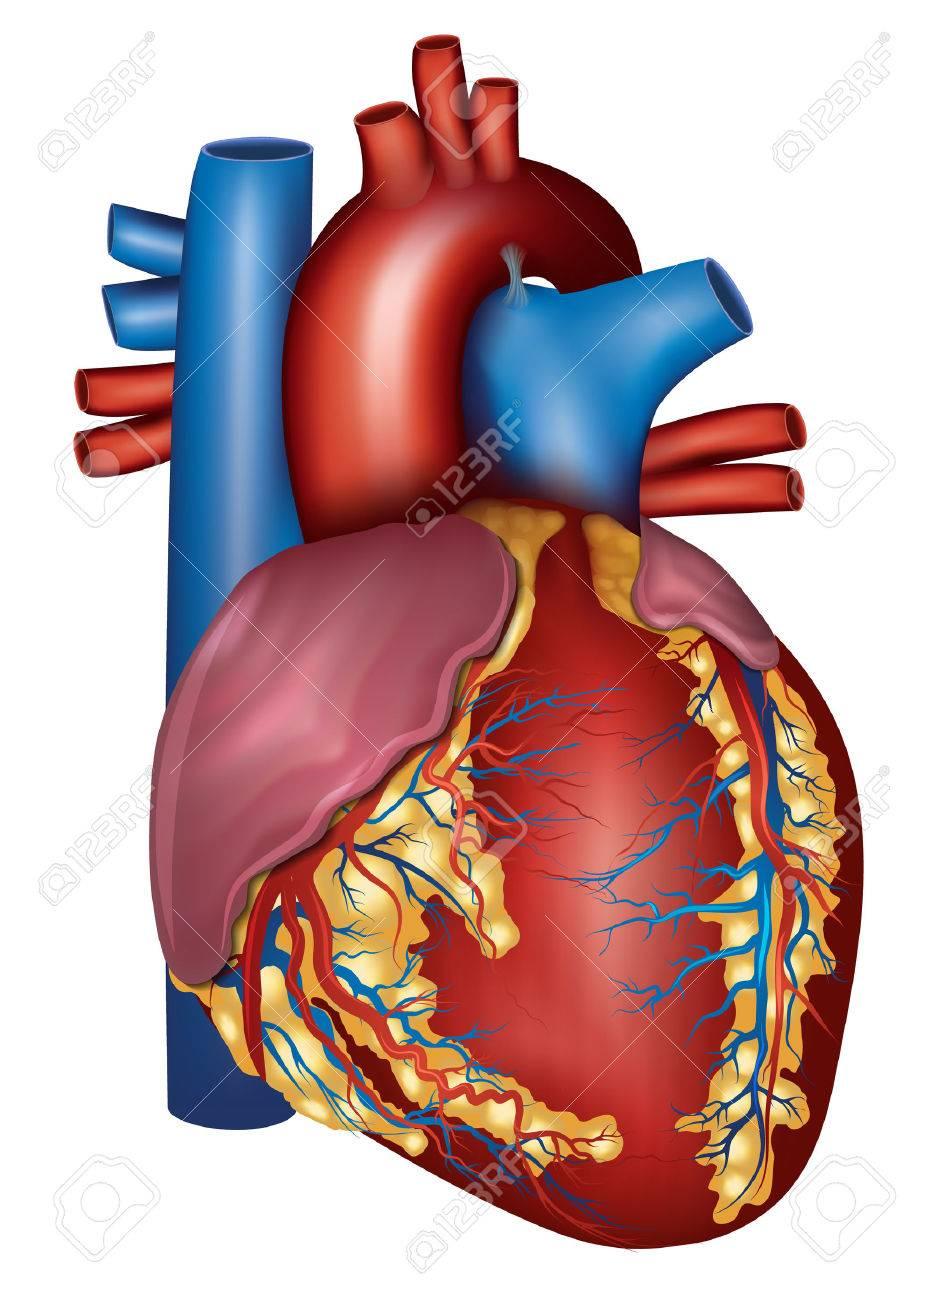 Detallada Anatomía Del Corazón Humano, Aislado En Un Fondo Blanco ...